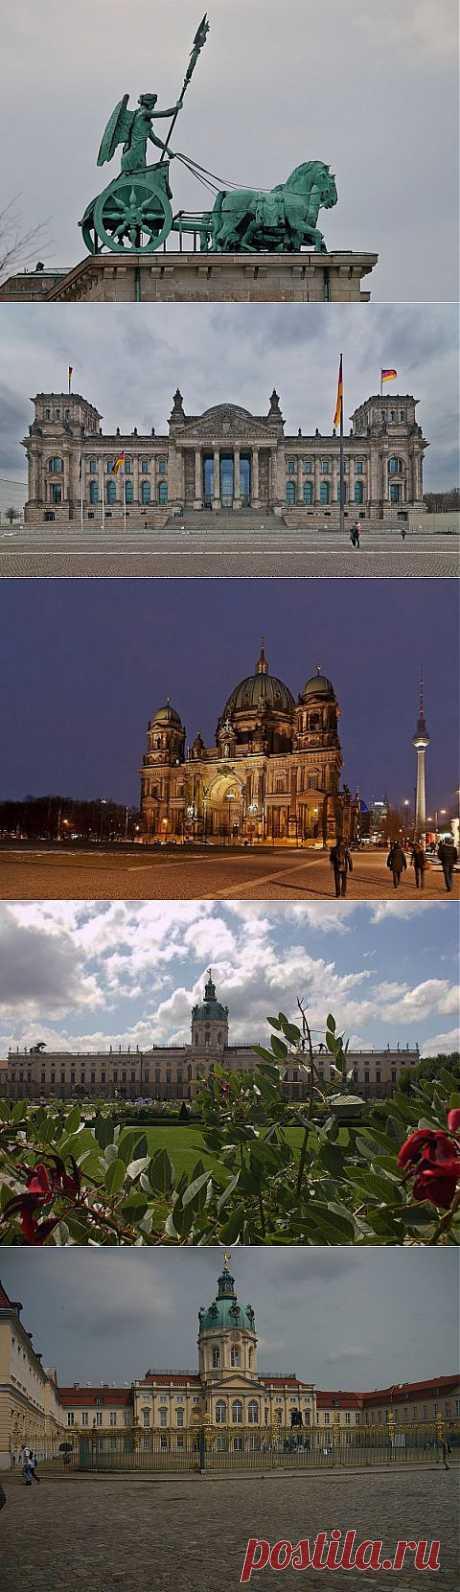 (+1) тема - Фотоэкскурсия по Берлину | Непутевые заметки